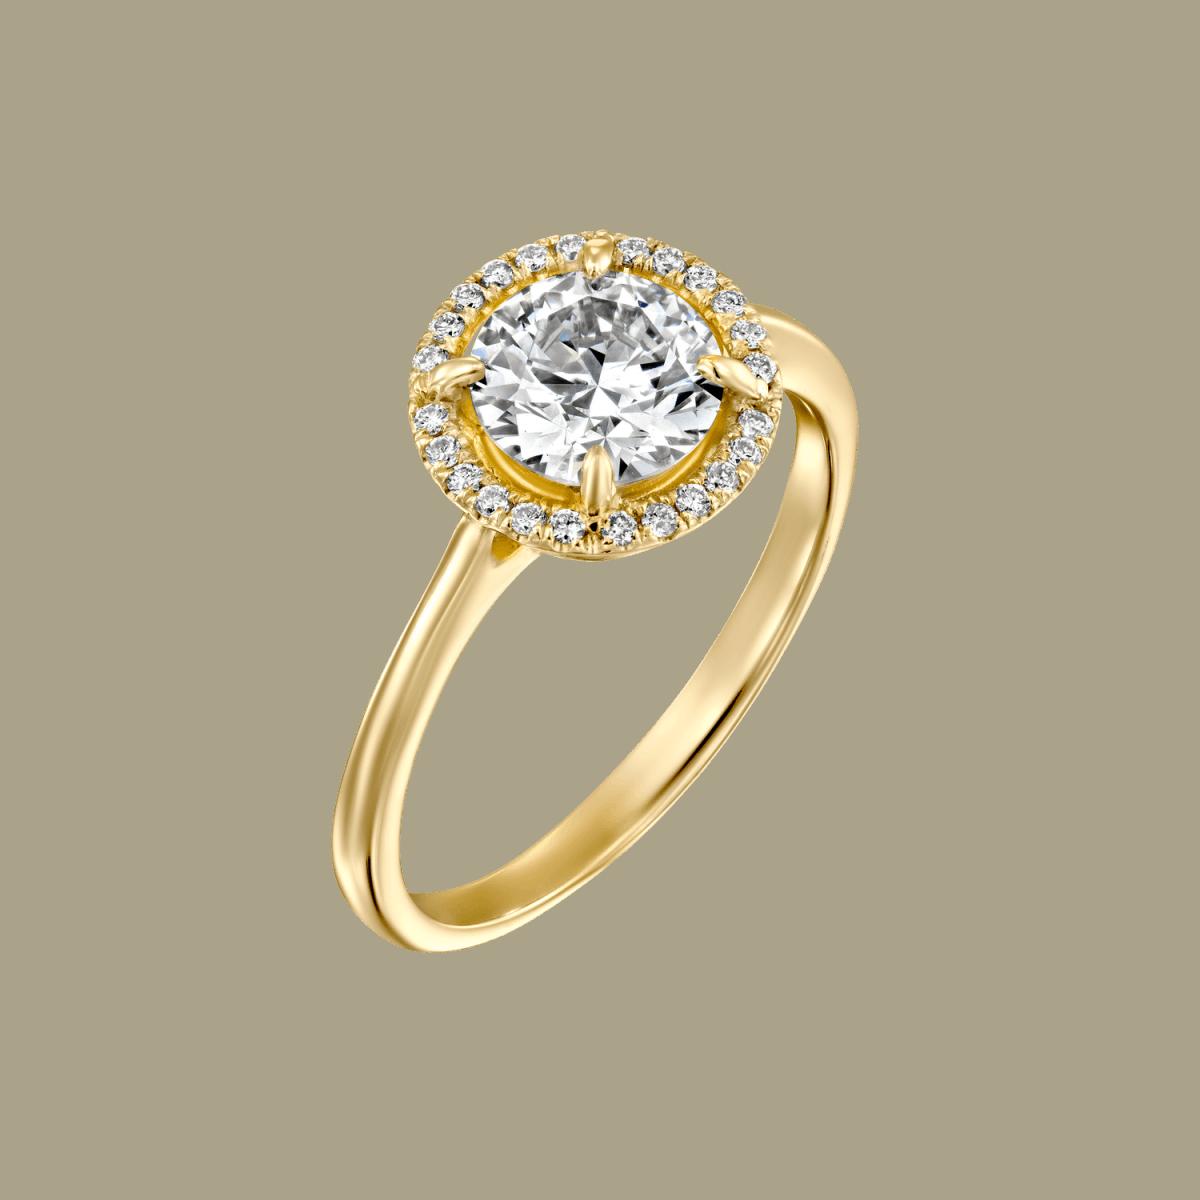 טבעת יהלומים ליסה מזהב צהוב 1.30 קראט